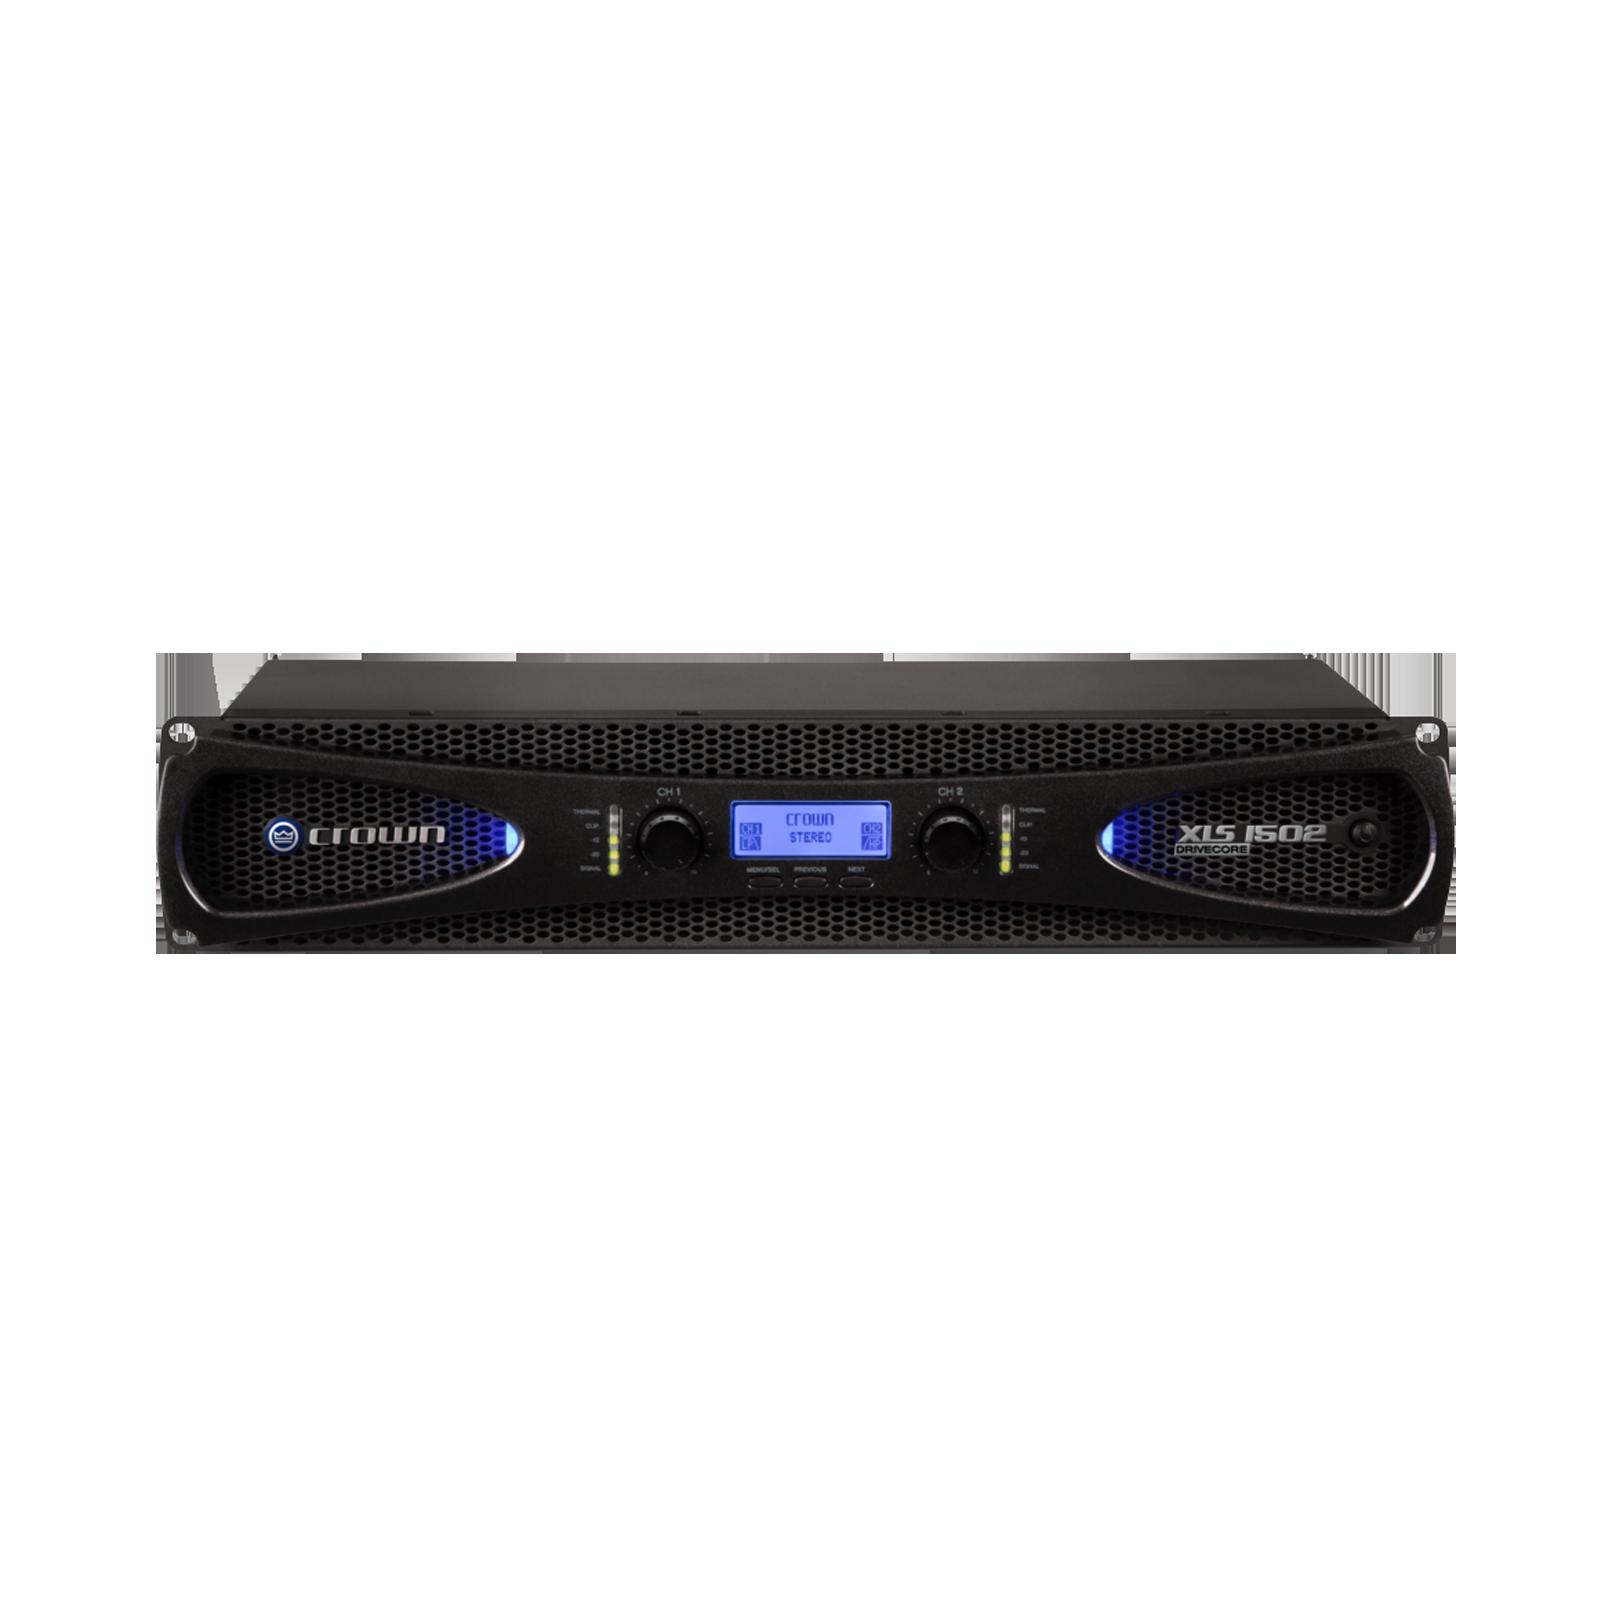 XLS 1502 - Black - Two-channel, 525W @ 4Ω power amplifier - Hero